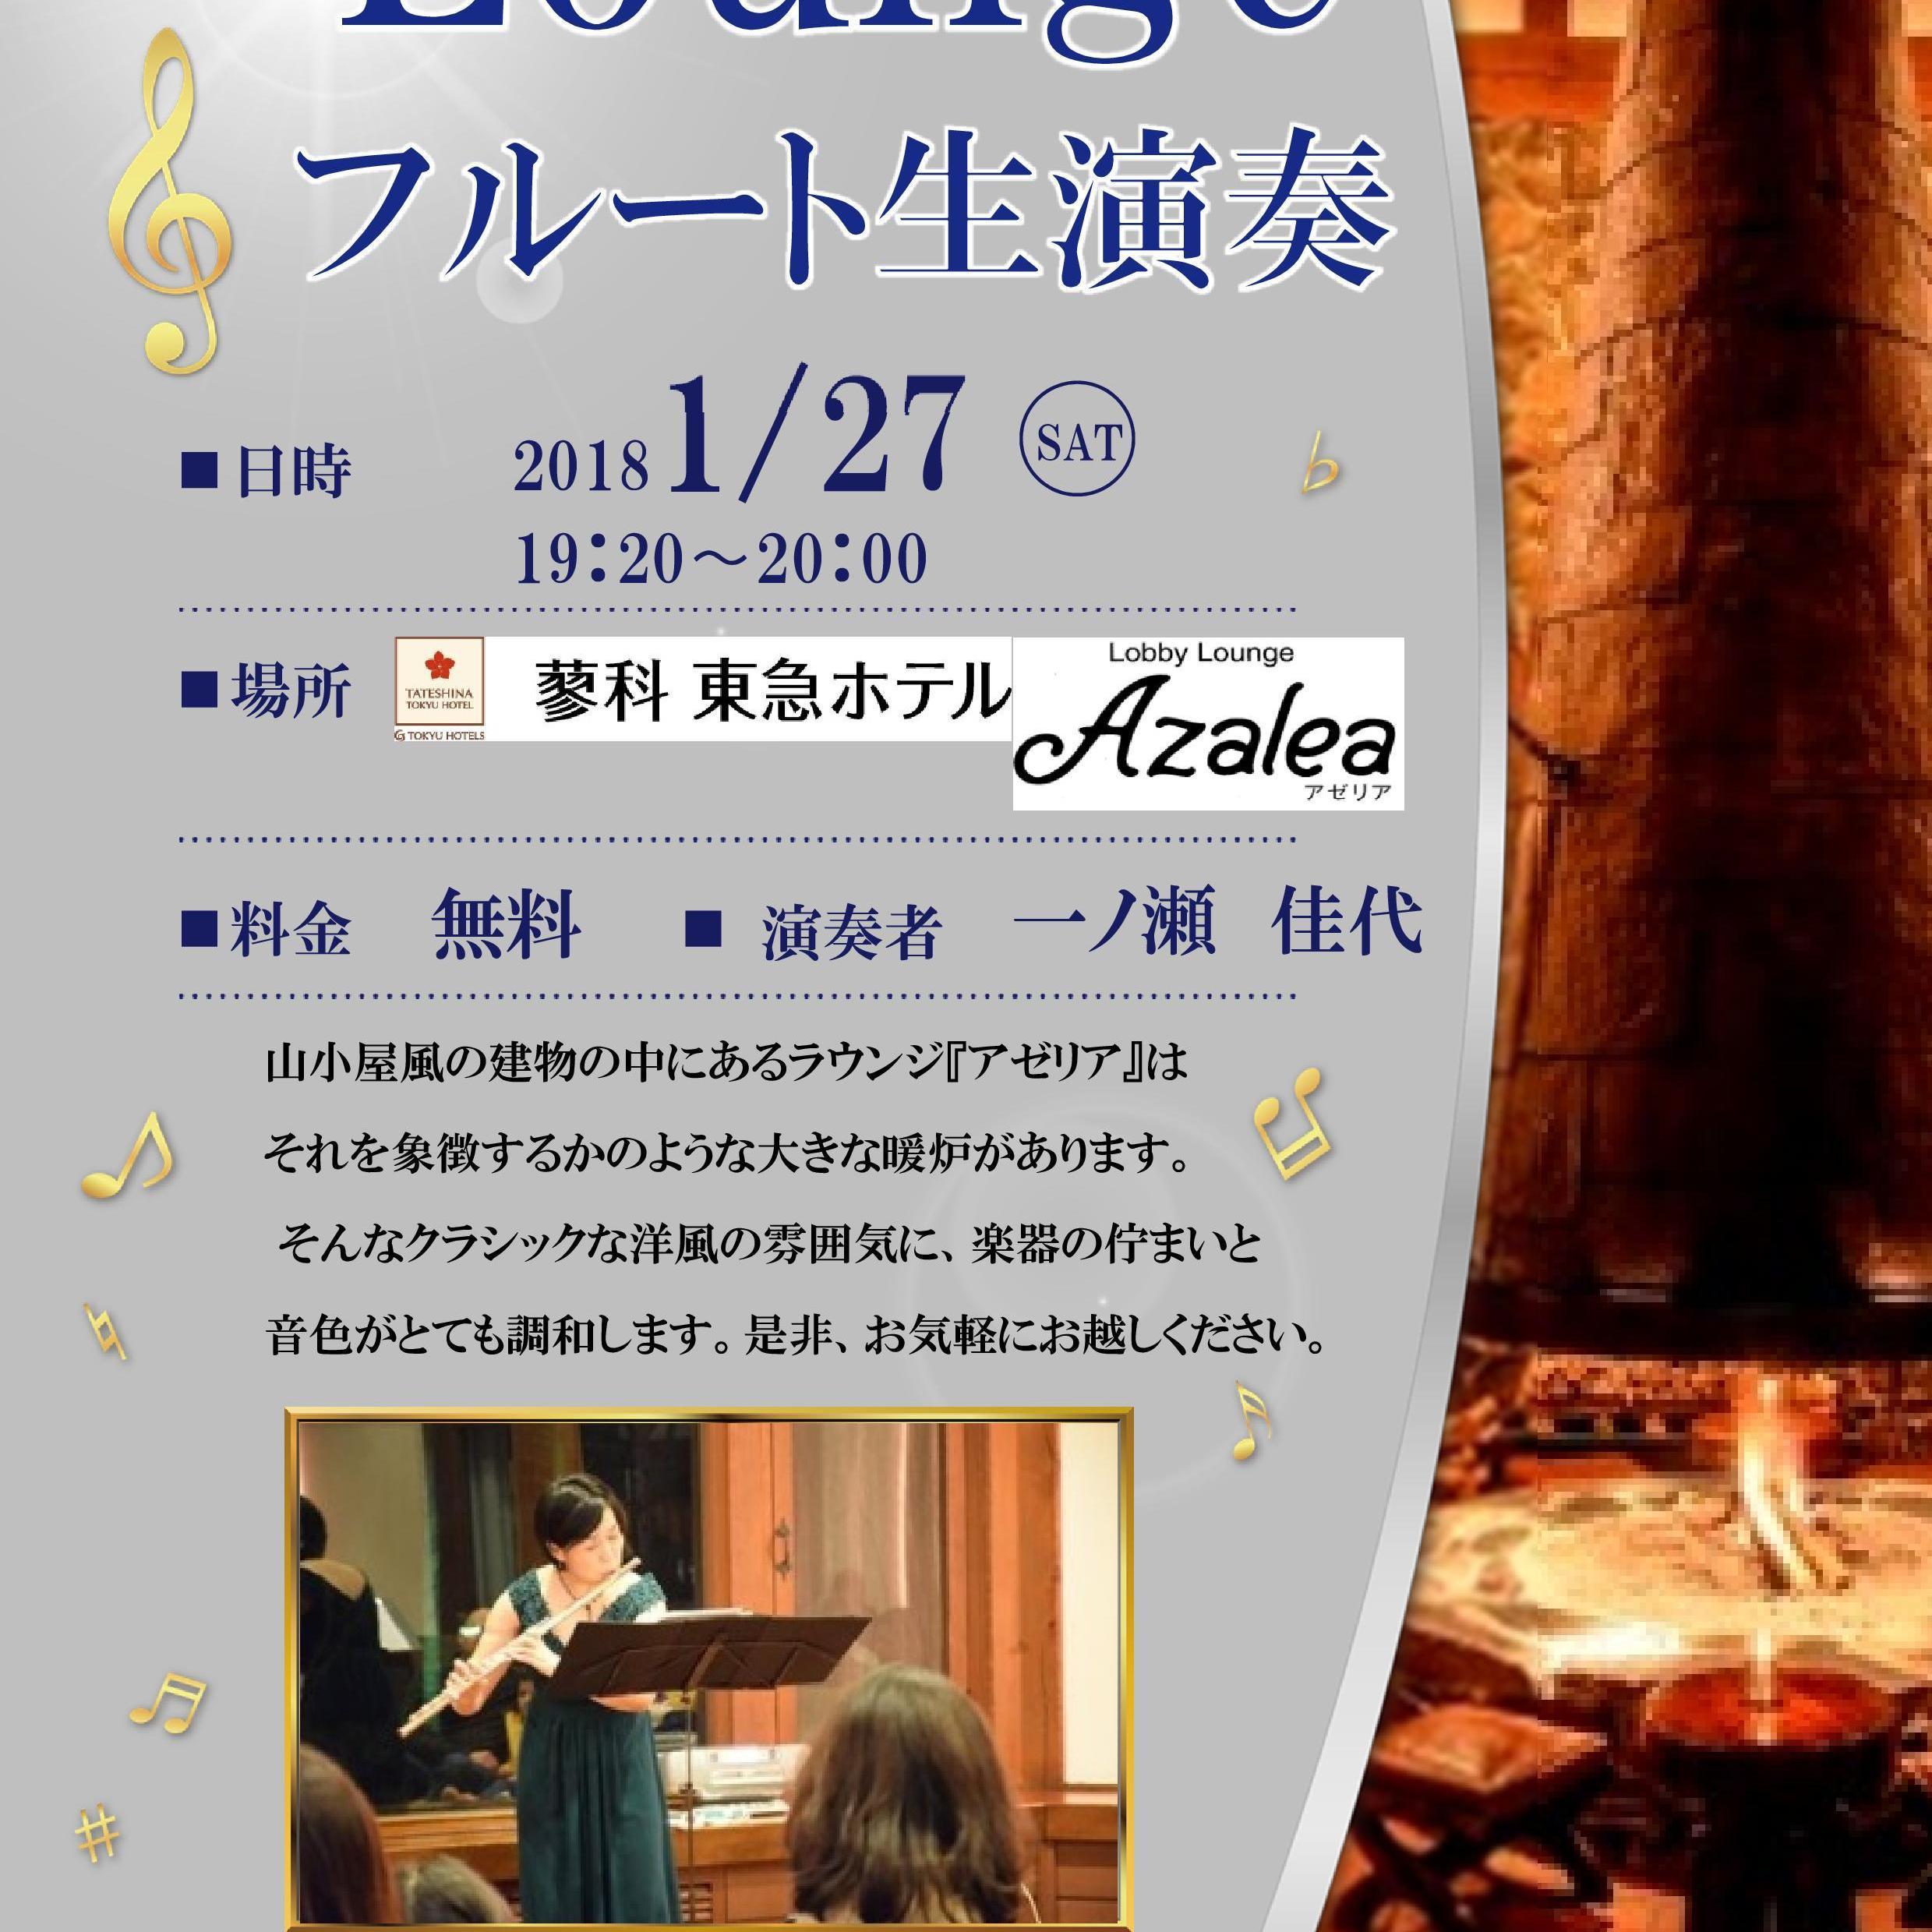 【無料イベント】1月27日(土)Loungeフルート生演奏